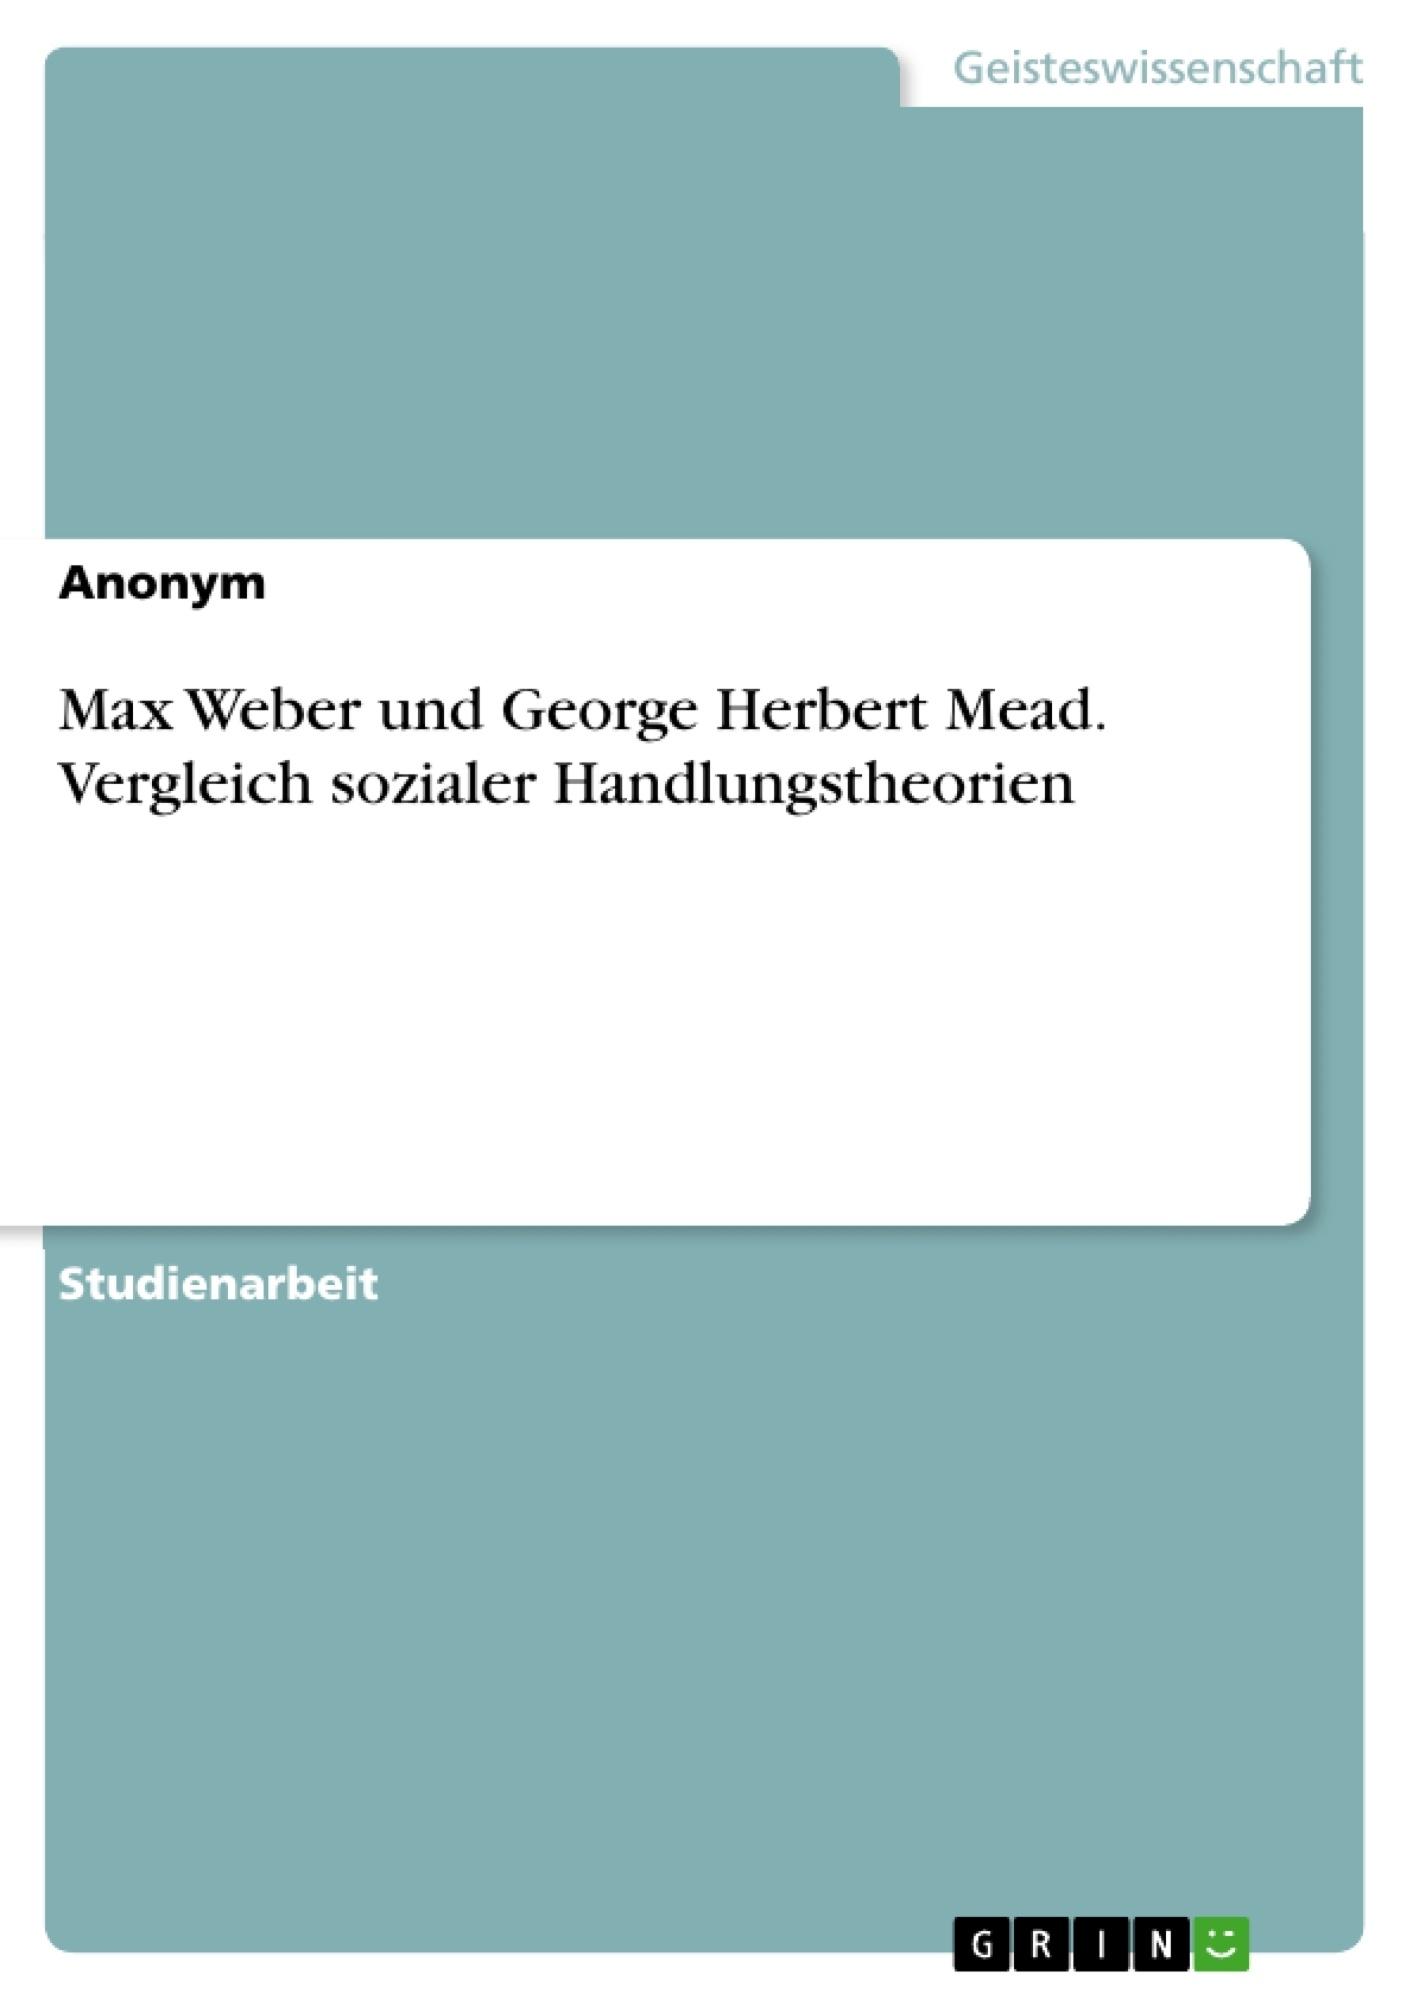 Titel: Max Weber und George Herbert Mead. Vergleich sozialer Handlungstheorien